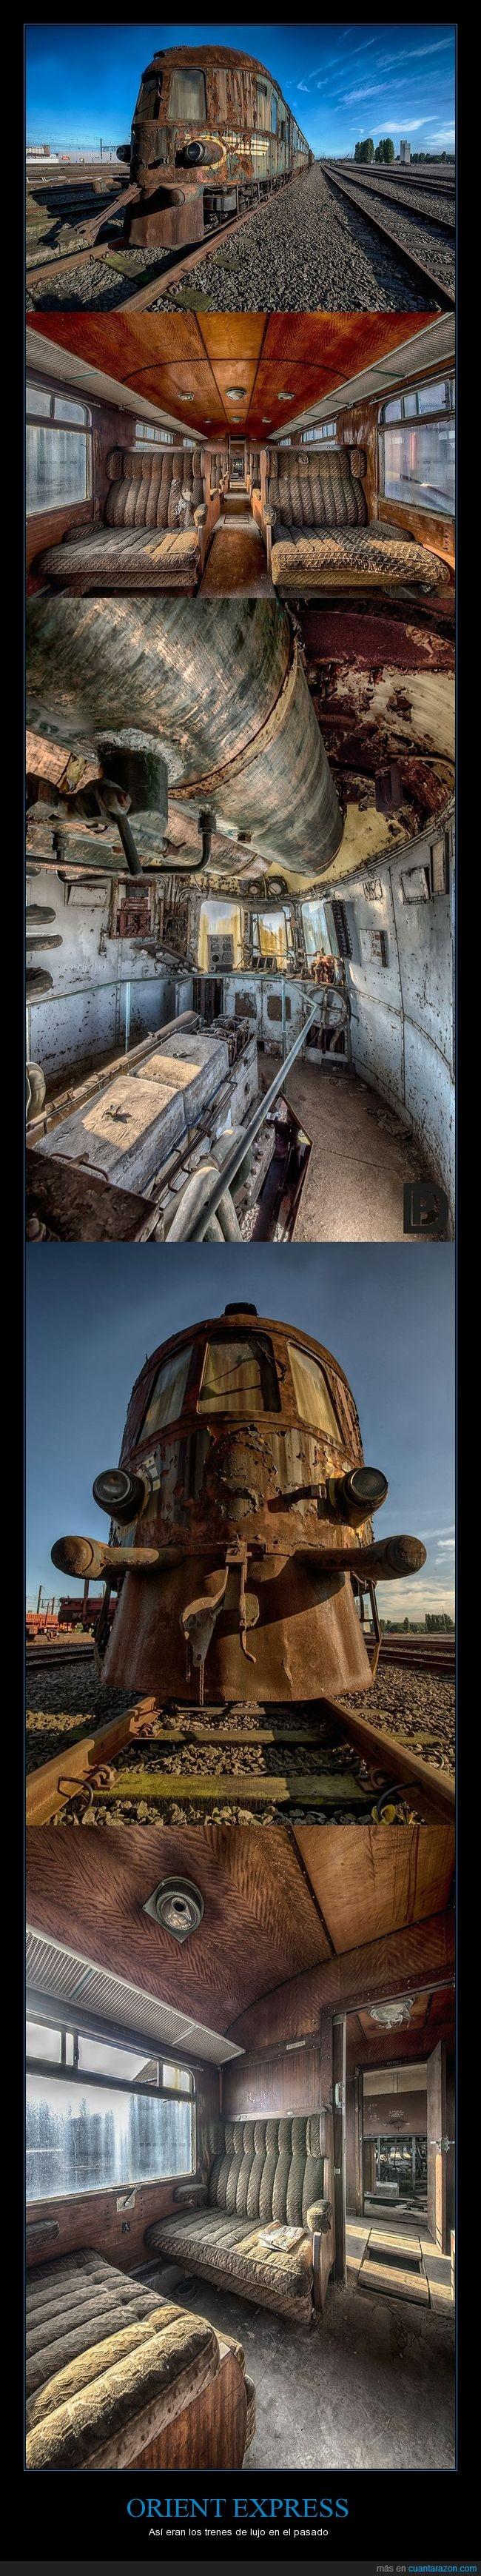 abandonado,Orient Express,tren,viajes de lujo del pasado